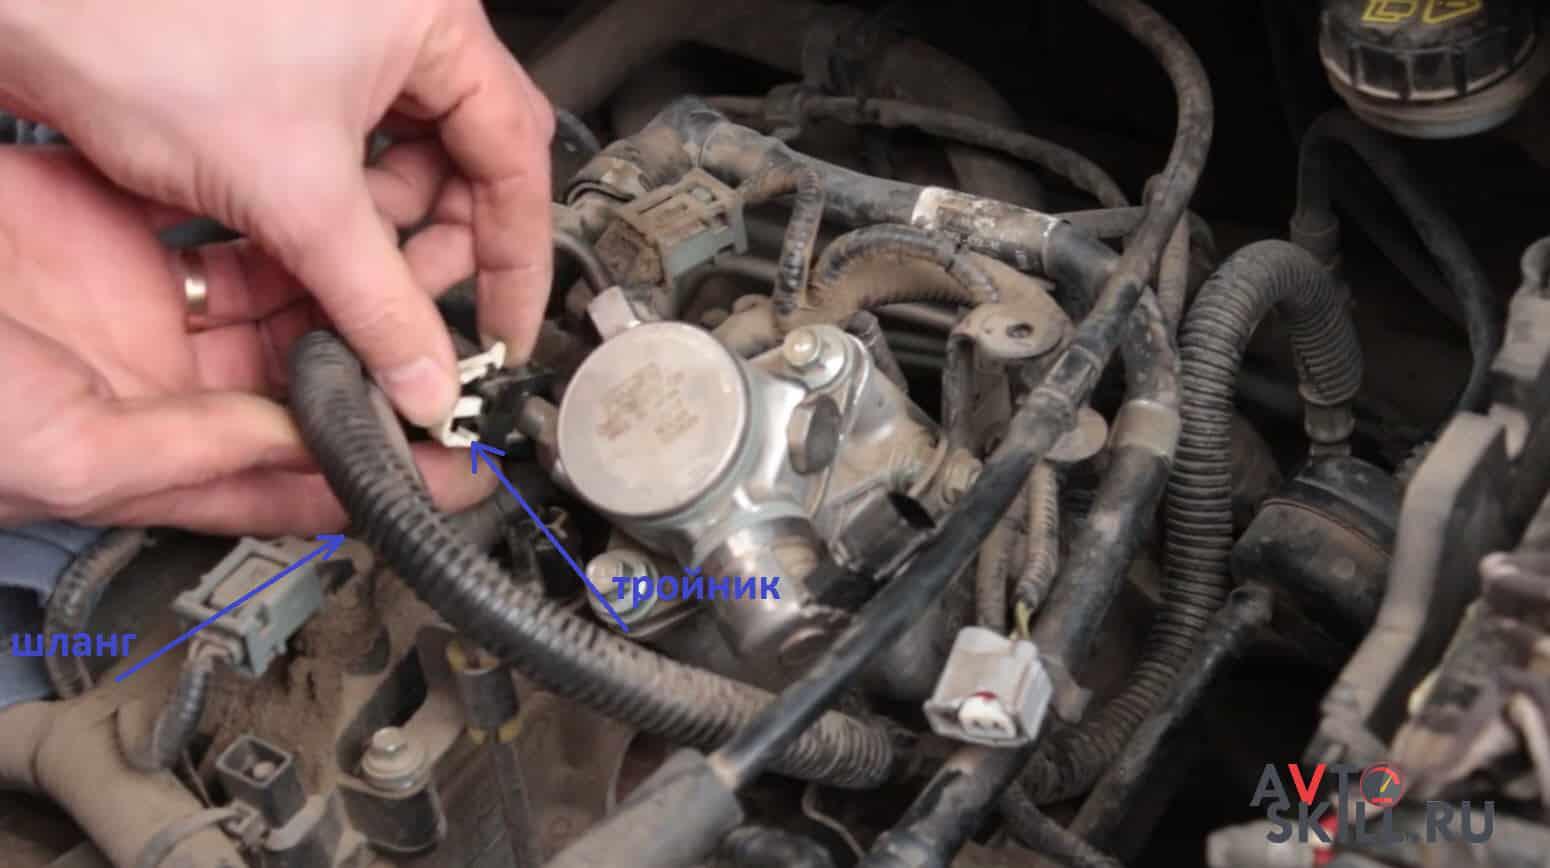 Установка ТНВД на машину с бензиновым двигателем | Установка ТНВД на двигатель, устройство топливного насоса высокого давления